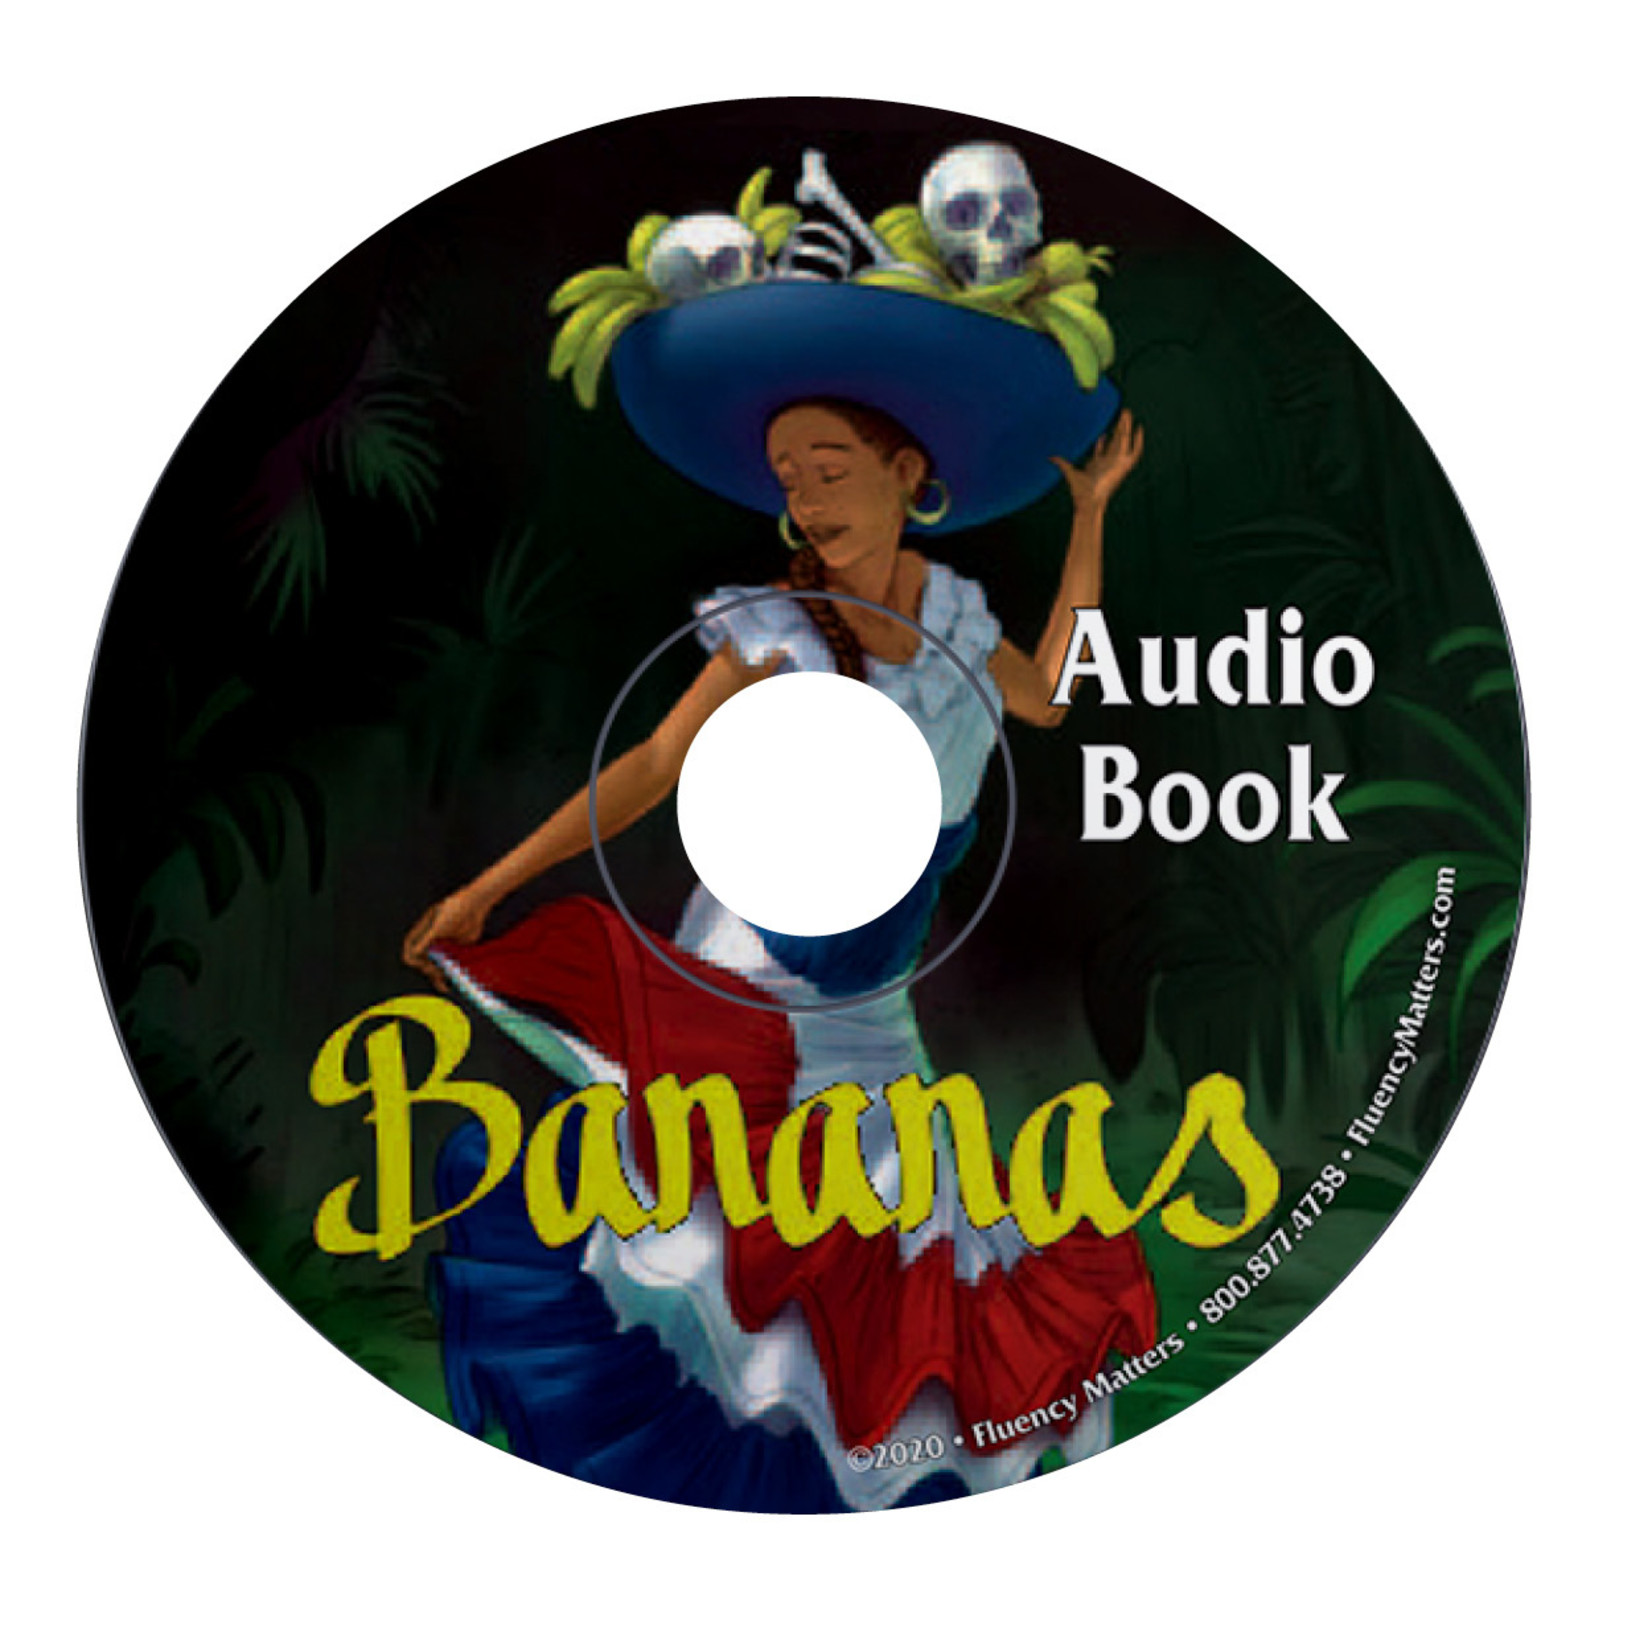 Fluency Matters Bananas - Audiobook